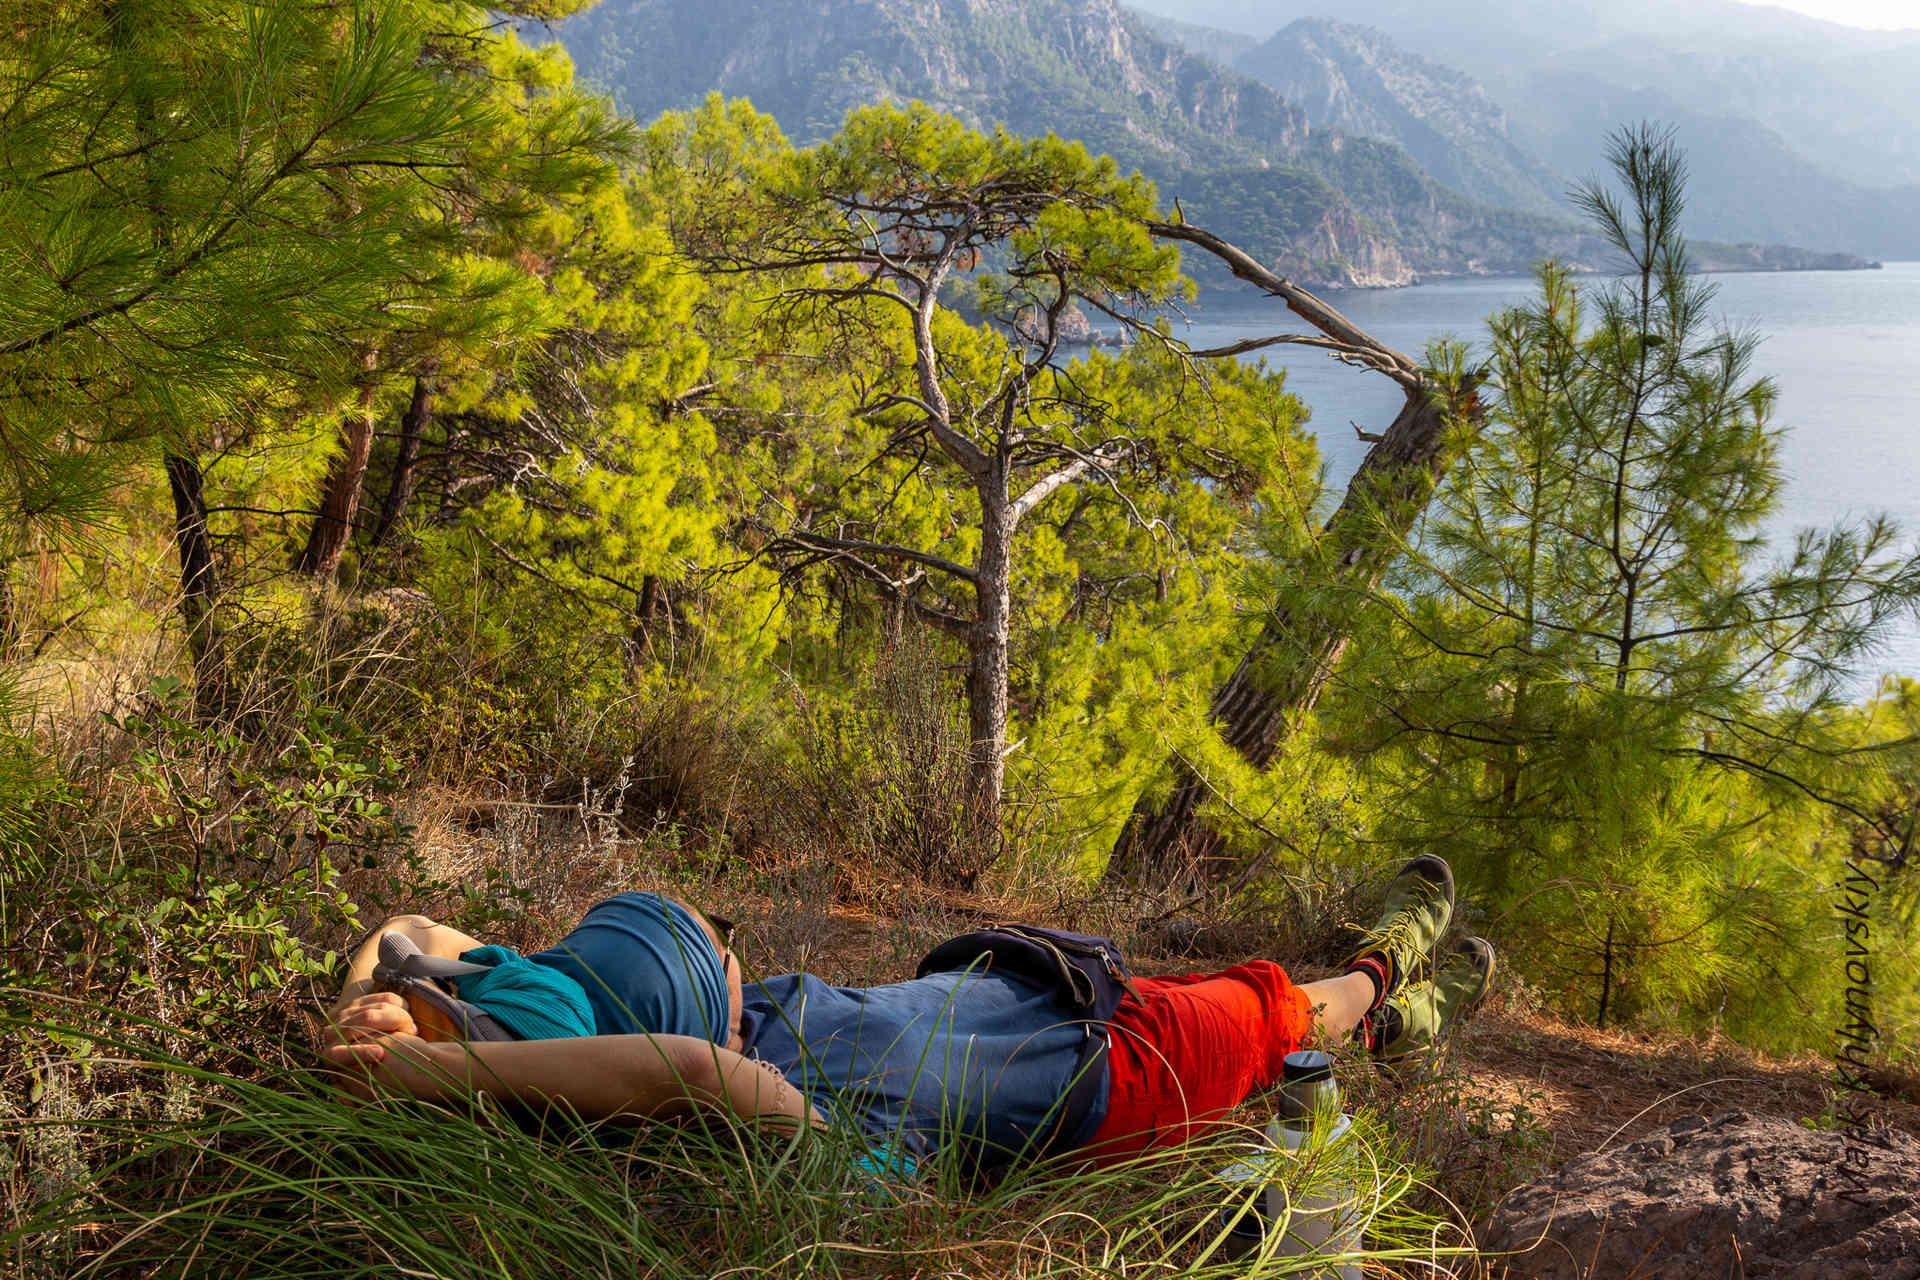 Ликийская тропа без рюкзаков и палаток